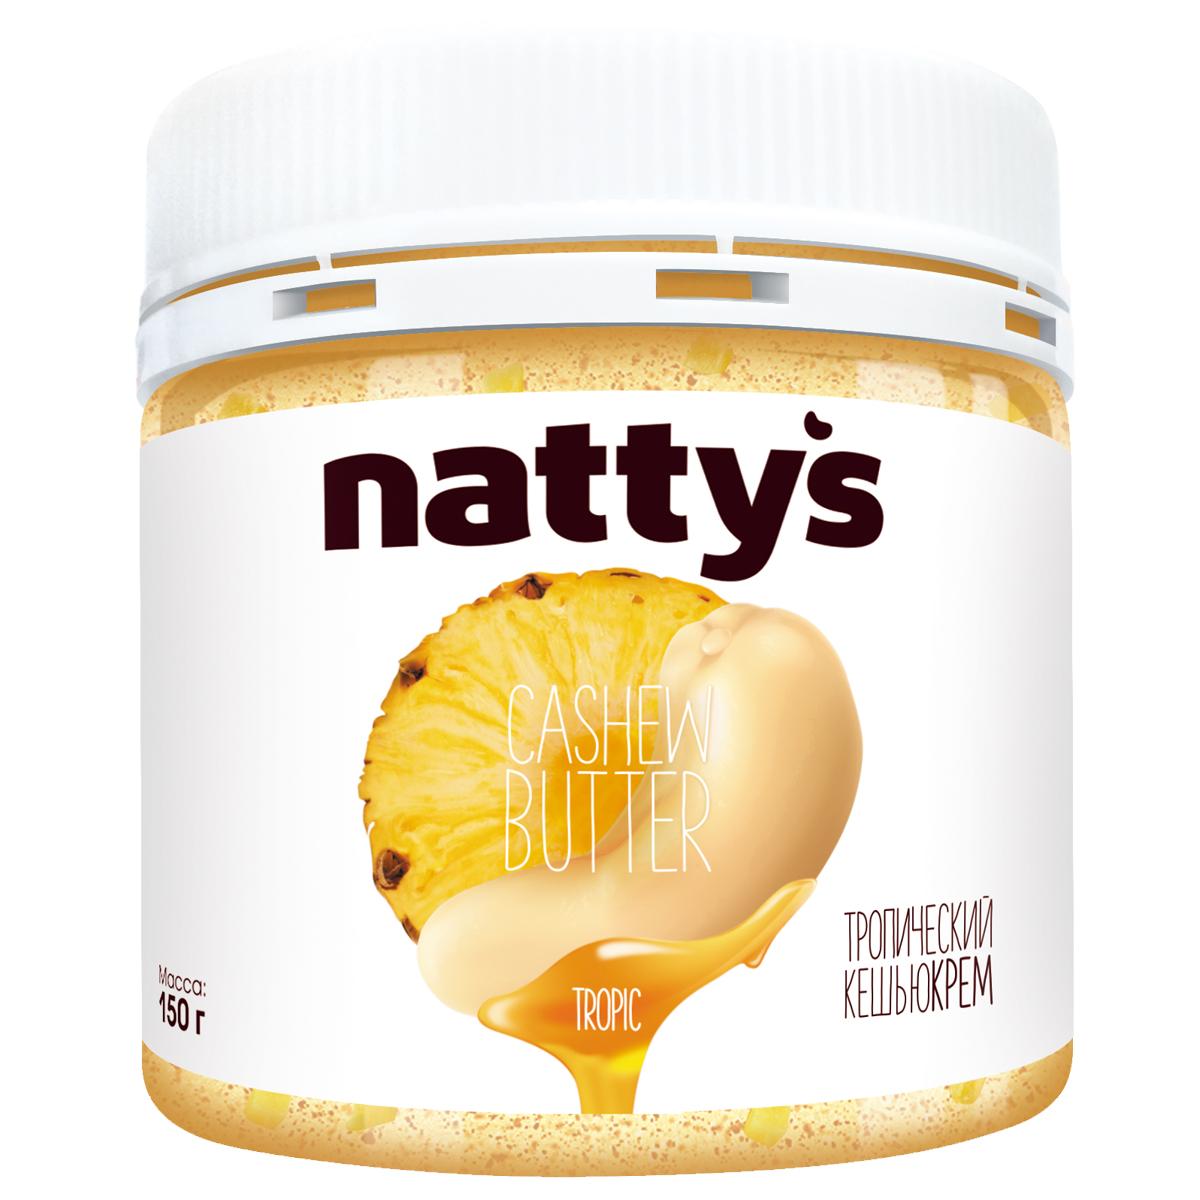 Nattys паста-крем кешью с кусочками ананаса, 150 гБ0002794Тропический коктейль из сливочного кешью и взрывного ананаса Nattys приготовлен из отборного сорта кешью, натурального высушенного ананаса, с добавлением натурального мёда и морской соли по специальному рецепту, что делает ее очень вкусной и полезной: насыщенной легко усваиваемыми жирами, белками и медленными углеводами, что способствует длительному ощущению сытости и является основой здорового питания, легко насыщает организм и дает энергию на весь день!Nattys к блинам и сырникам, с хрустящим хлебом или печеньем - настоящее наслаждение! Добавьте Nattys к овсяной каше на завтрак – надолго придает ощущение сытости, зарядит энергией на весь день, поддержит ваш иммунитет и нормализует обмен веществ.